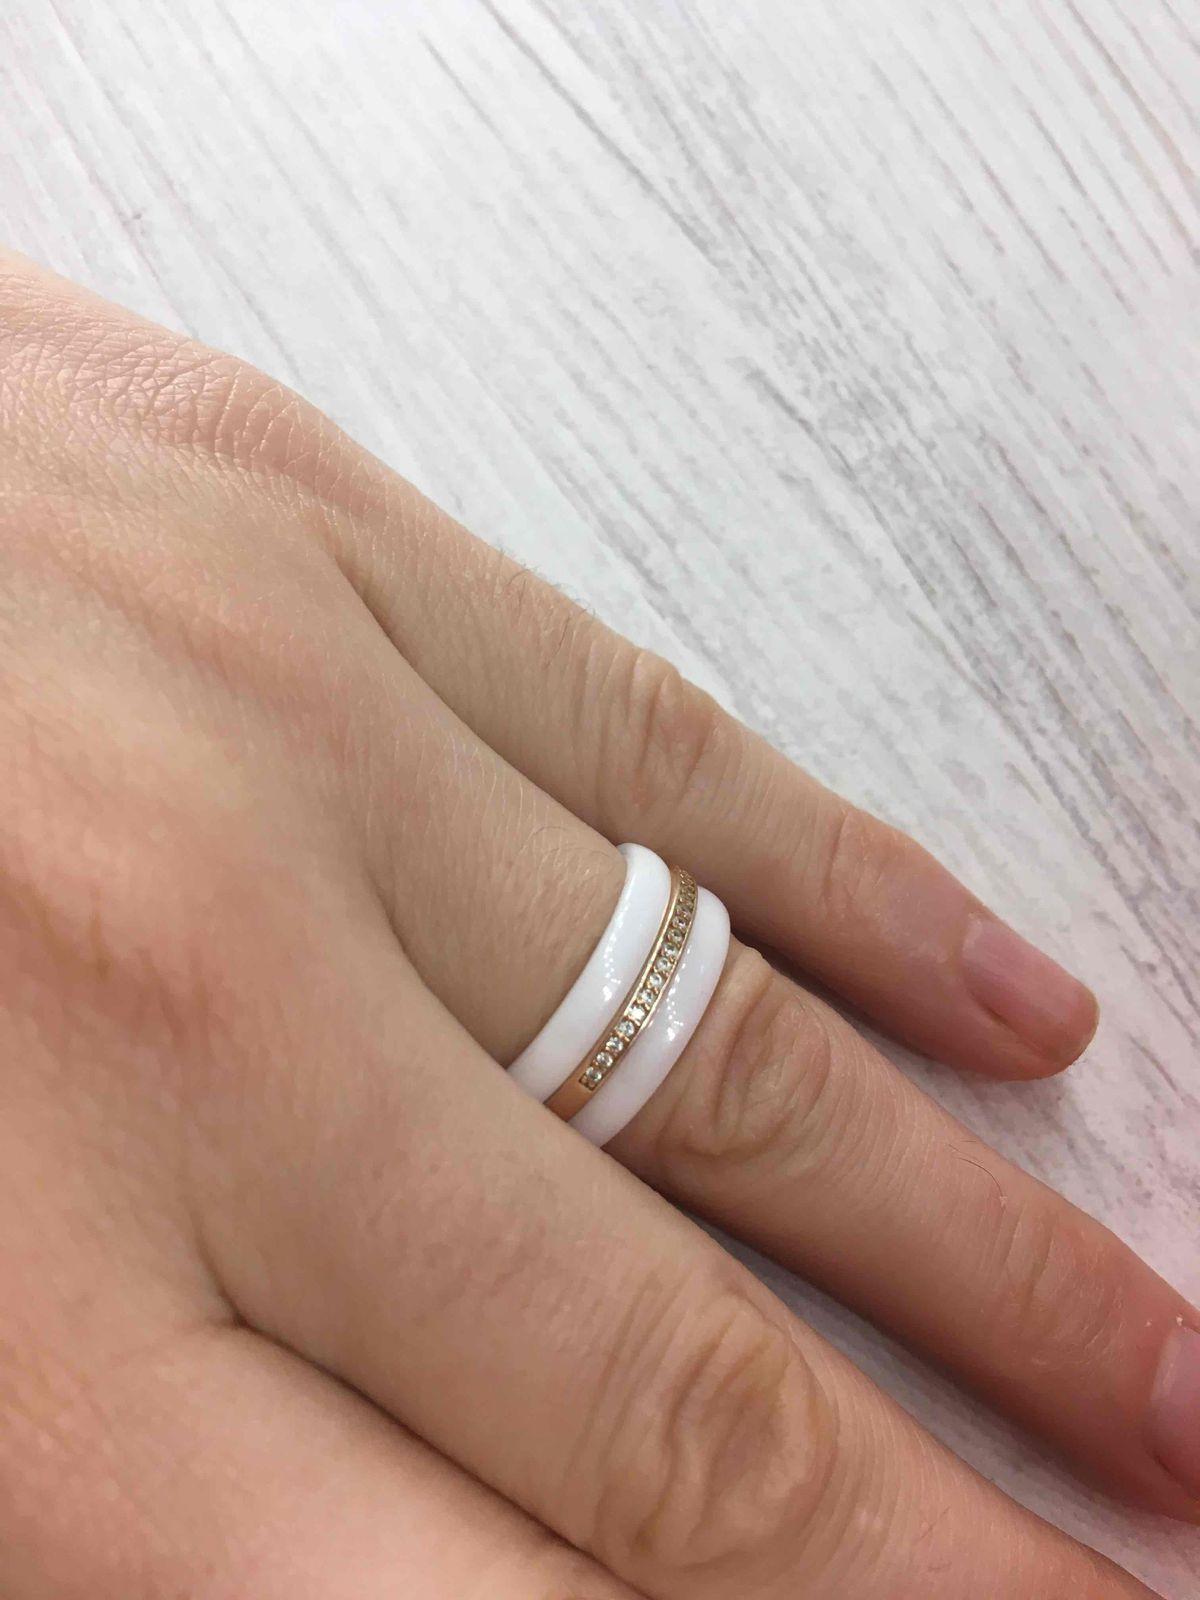 Кольцо , это любовь с первого взгляда😍